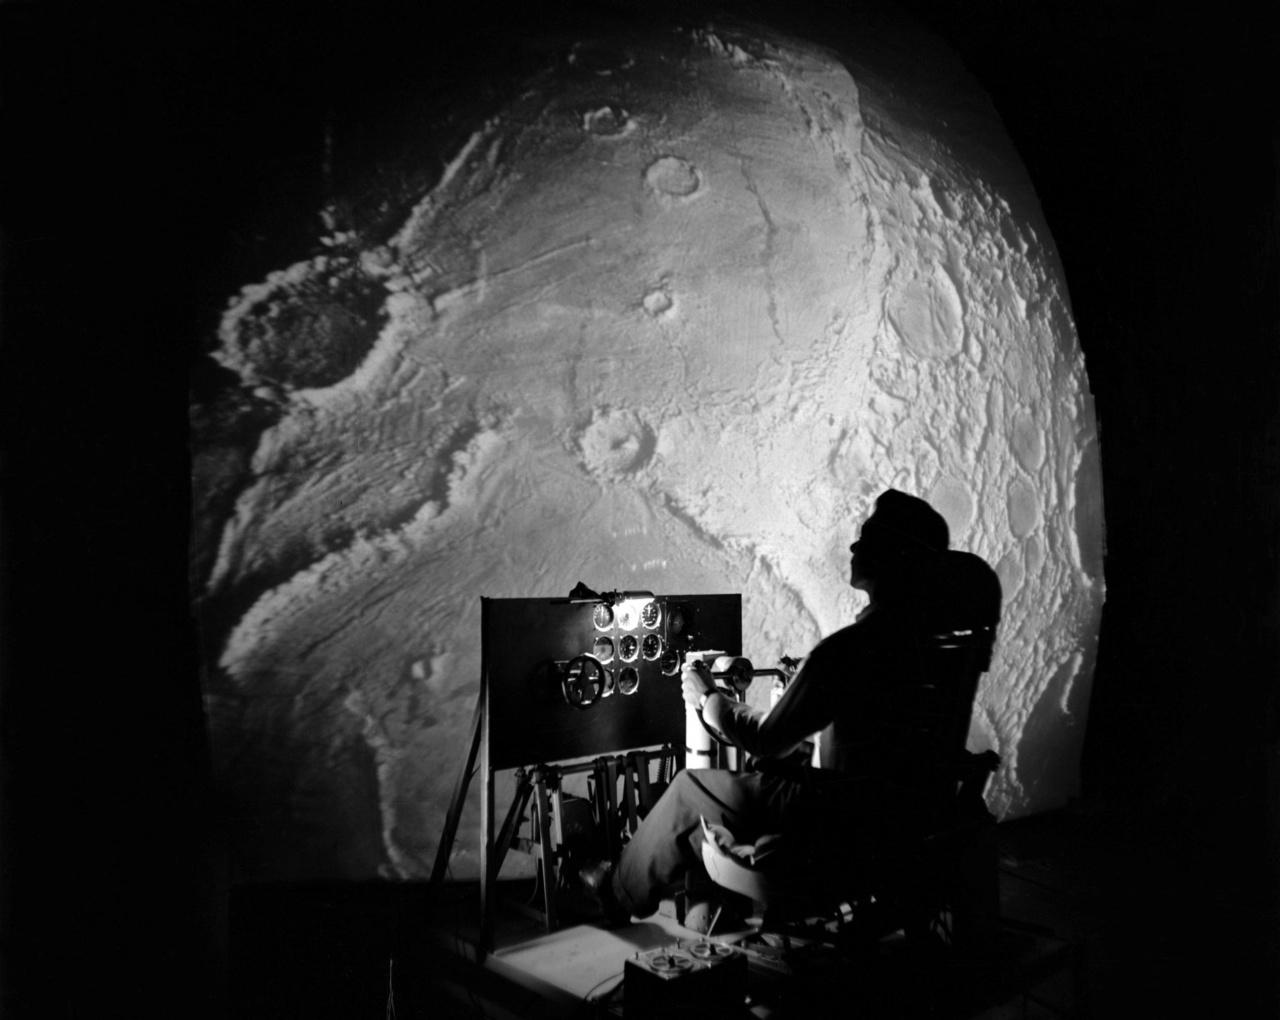 1966: a LOLA szimulátorral (Lunar Orbit and Landing Approach) a Hold körüli pályára állást és a landolást lehetett gyakorolni.